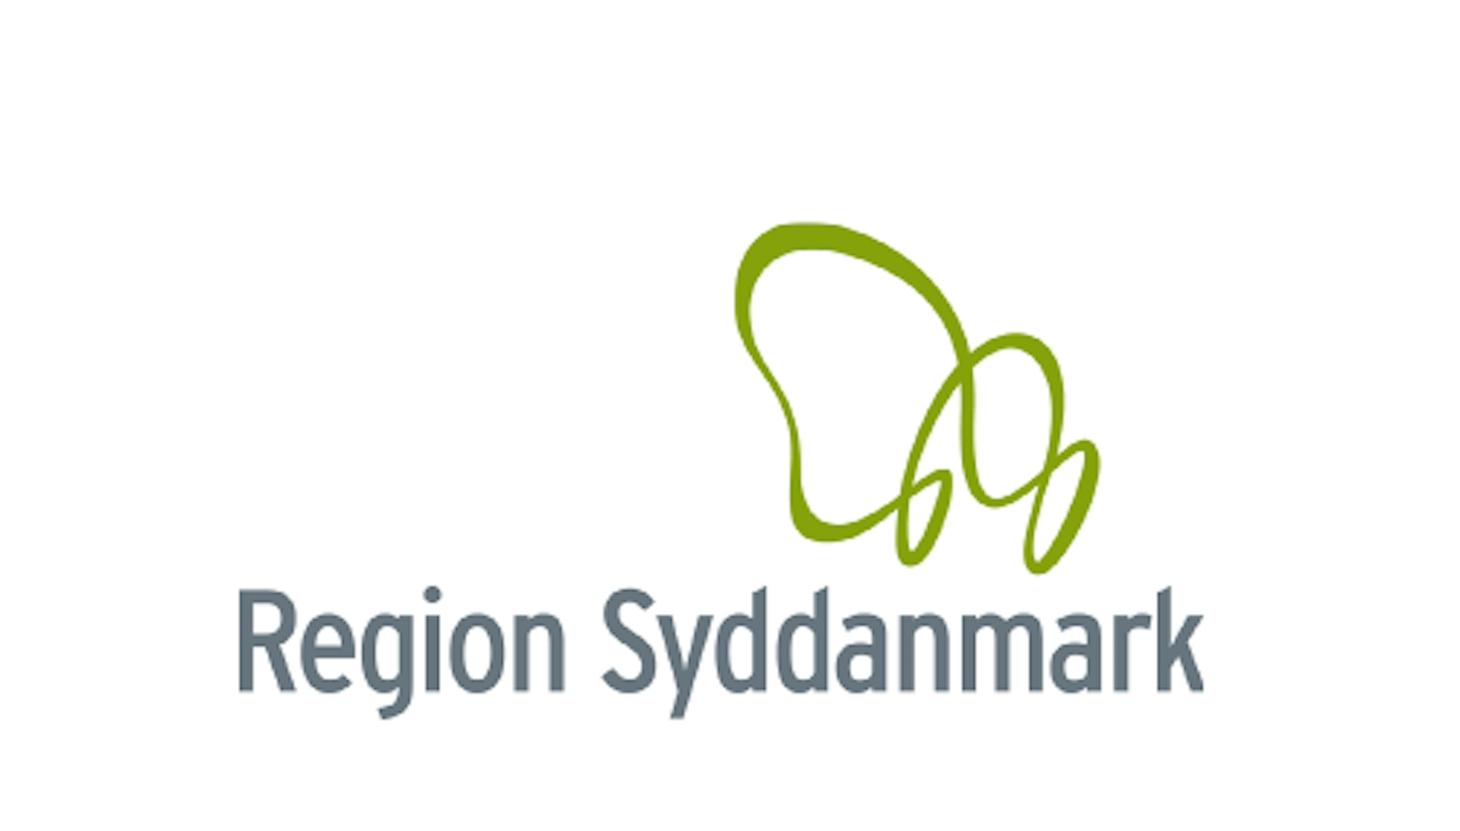 Prækvalificeret til Steno Diabetes Center Odense